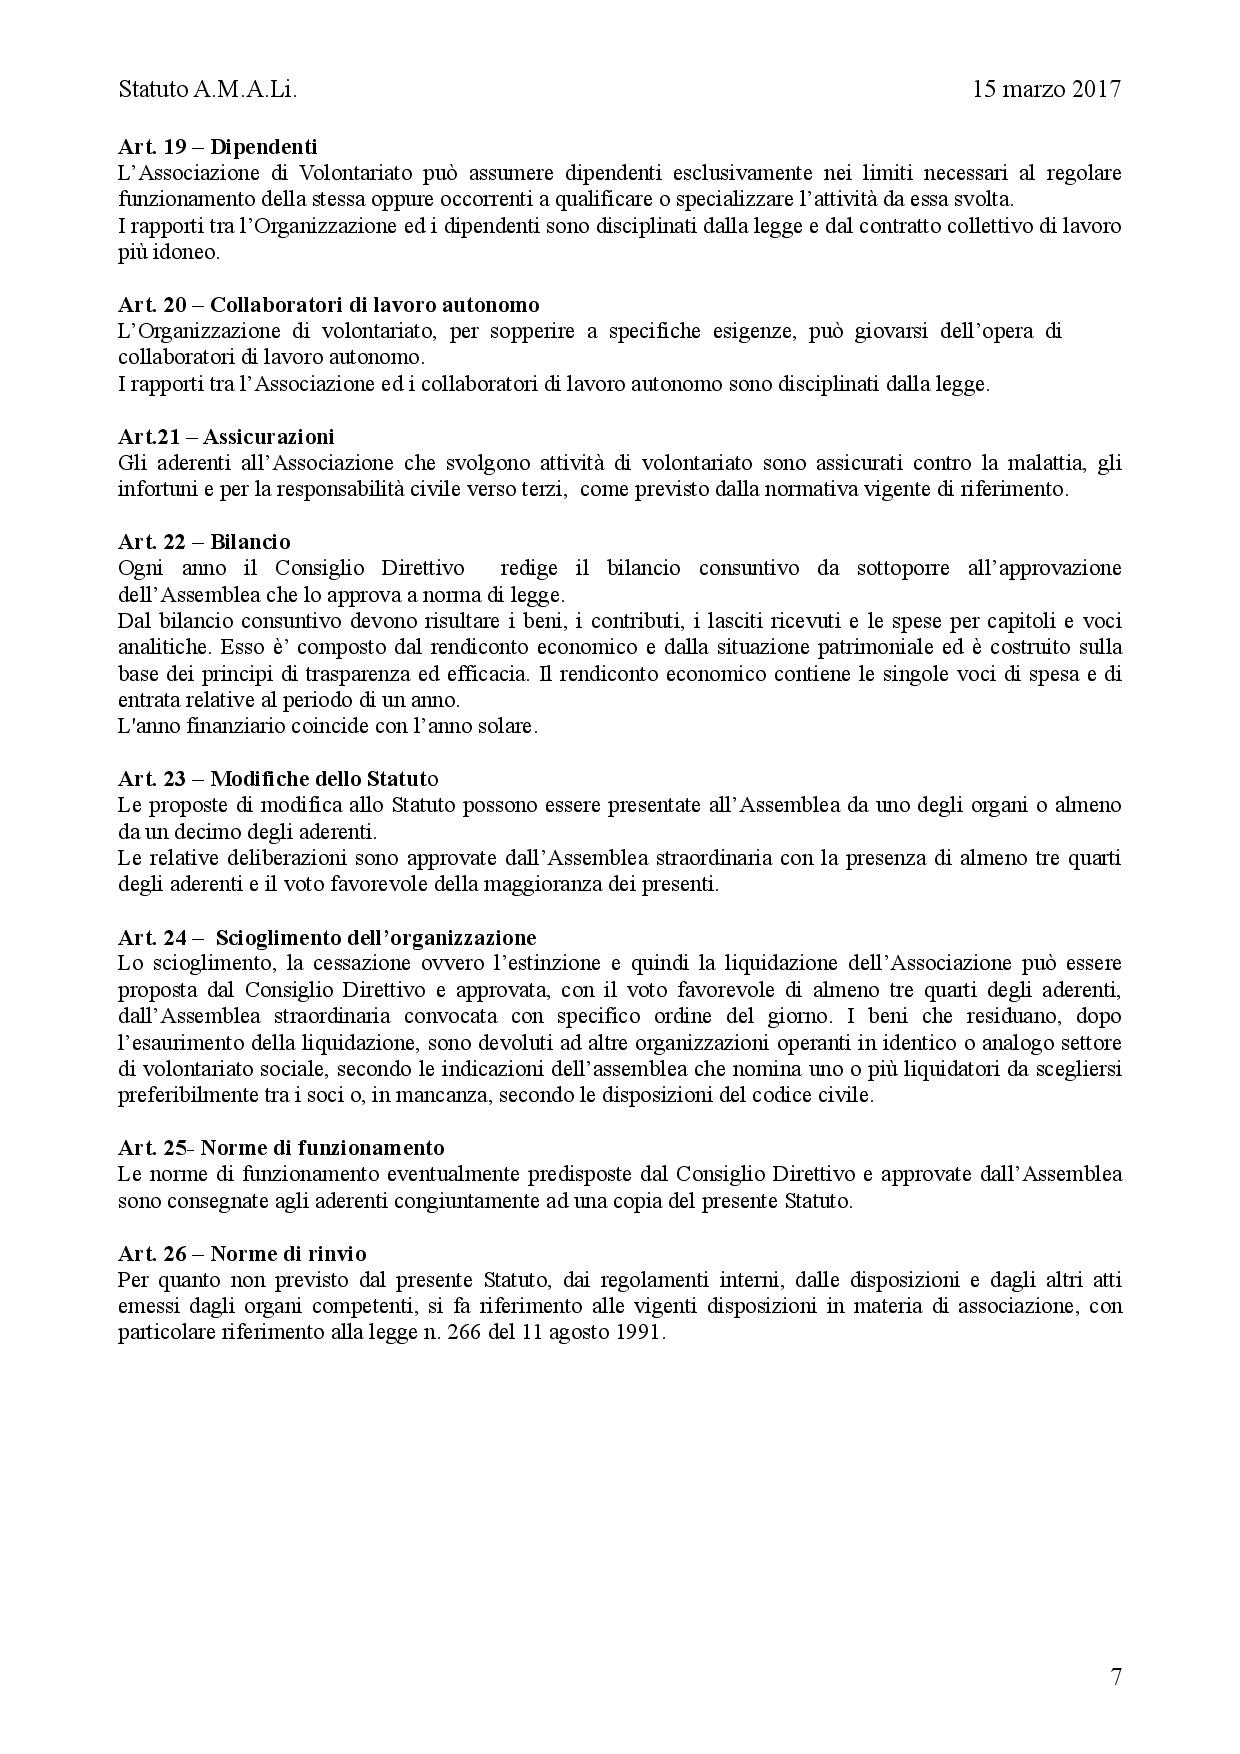 statuto-amali-15-marzo-2017-007